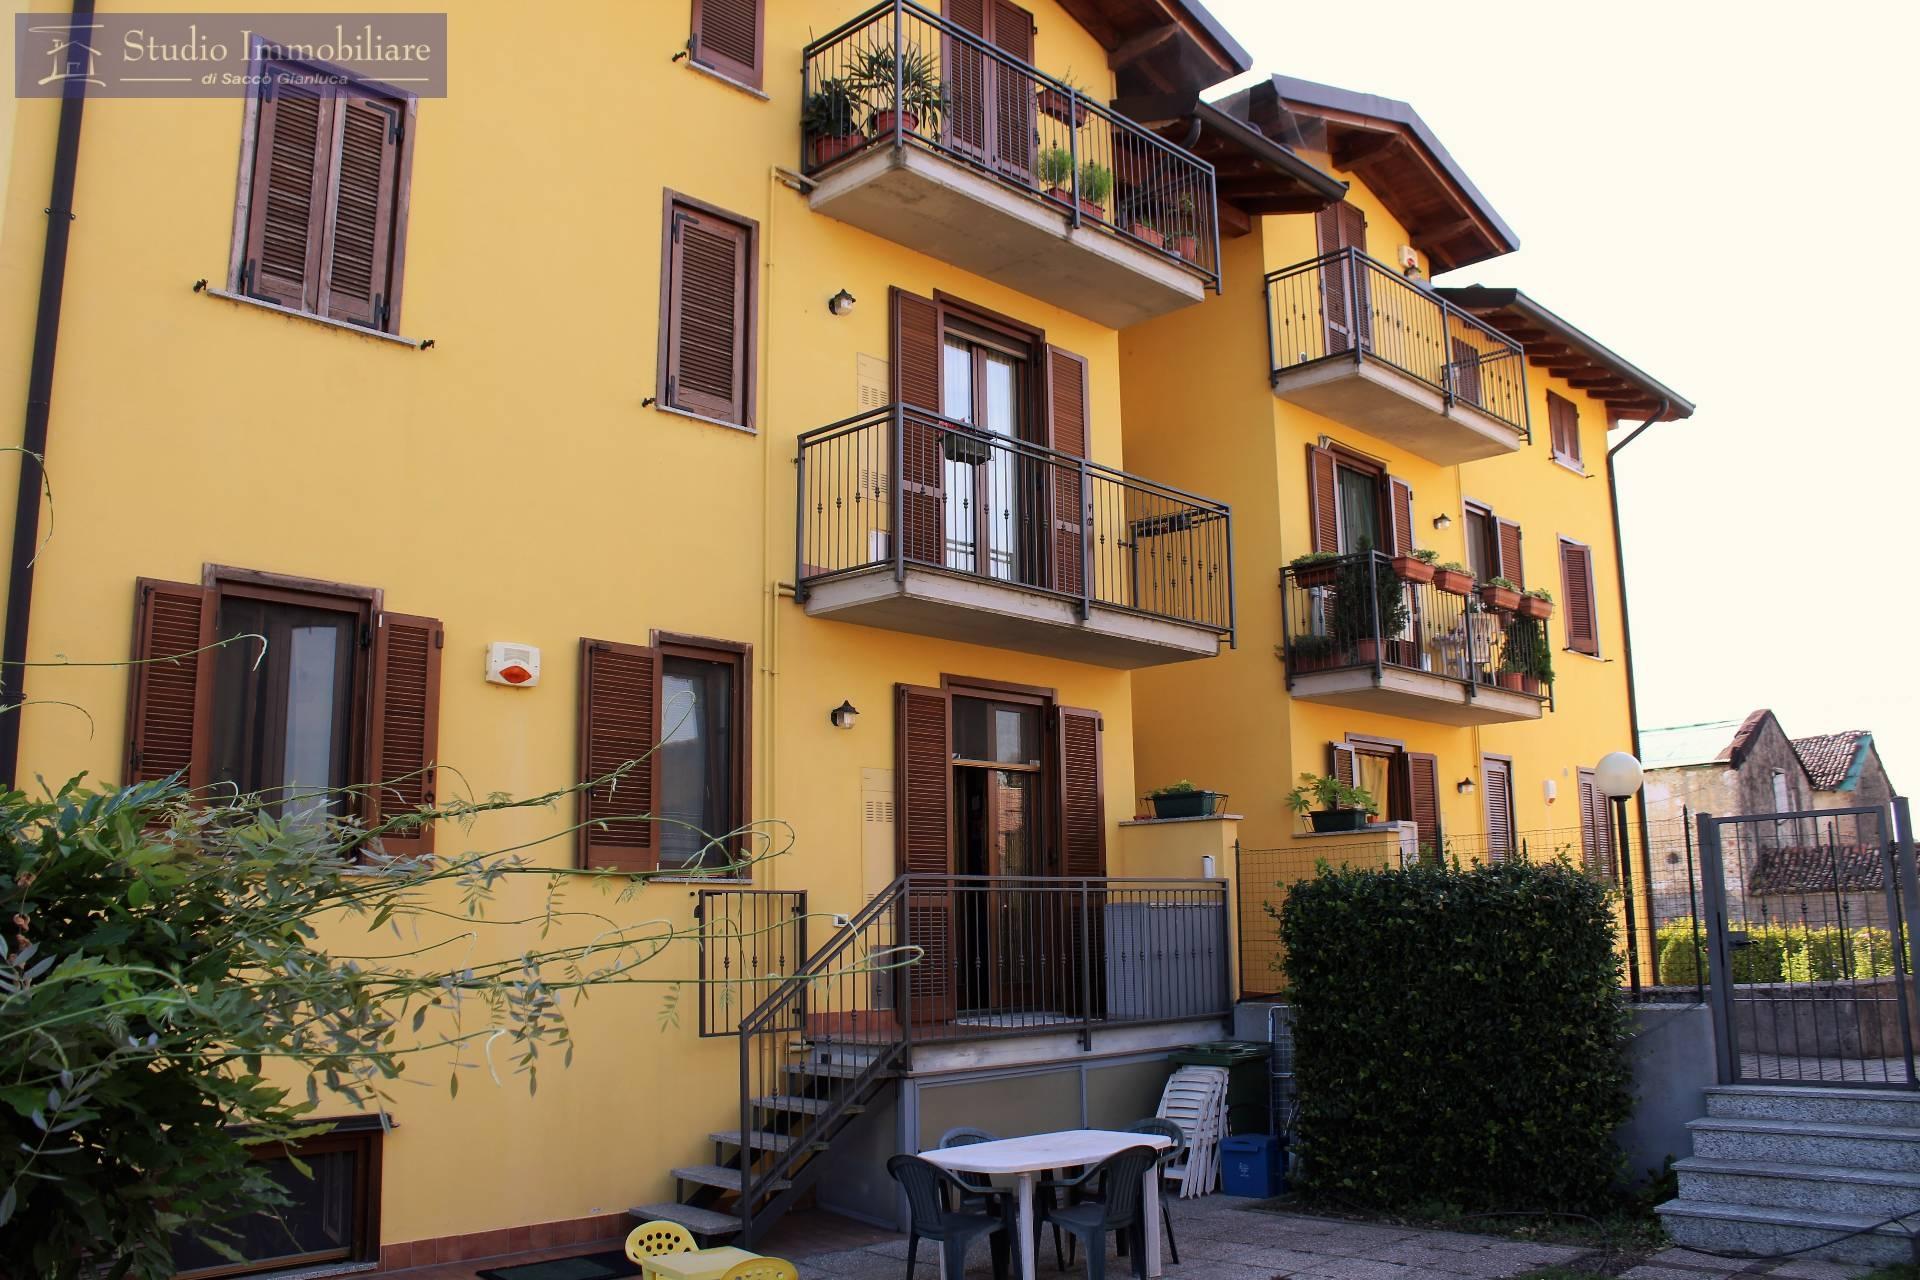 Appartamento in vendita a Cava Manara, 3 locali, prezzo € 139.000 | CambioCasa.it